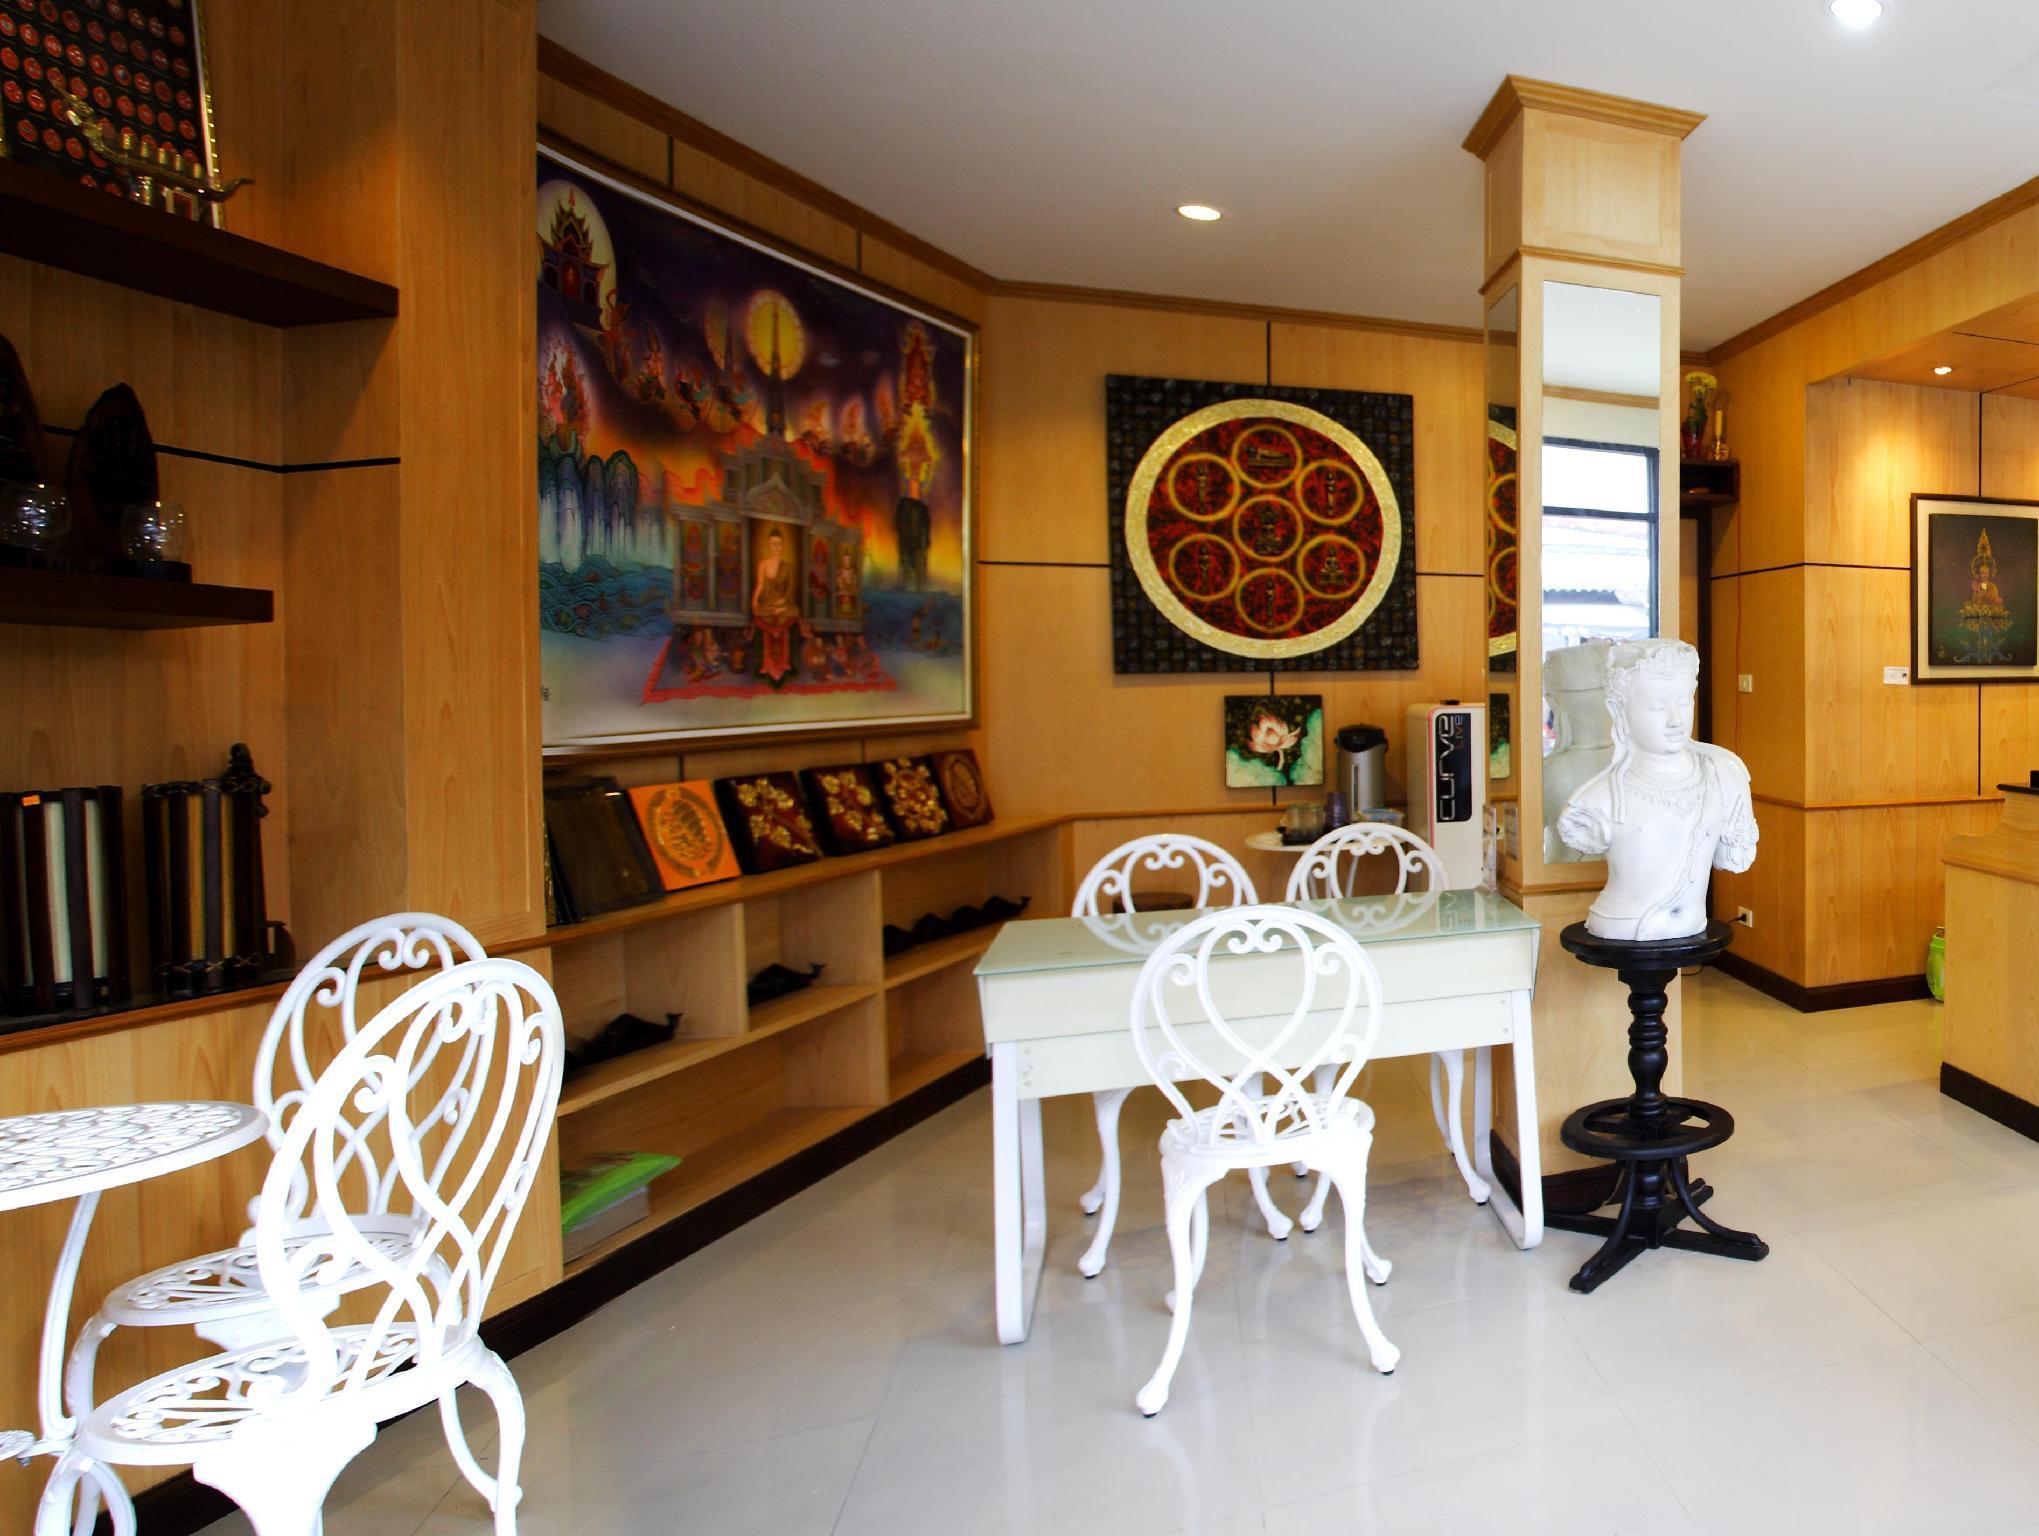 Hotell Hi-QC Place i Patong, Phuket. Klicka för att läsa mer och skicka bokningsförfrågan